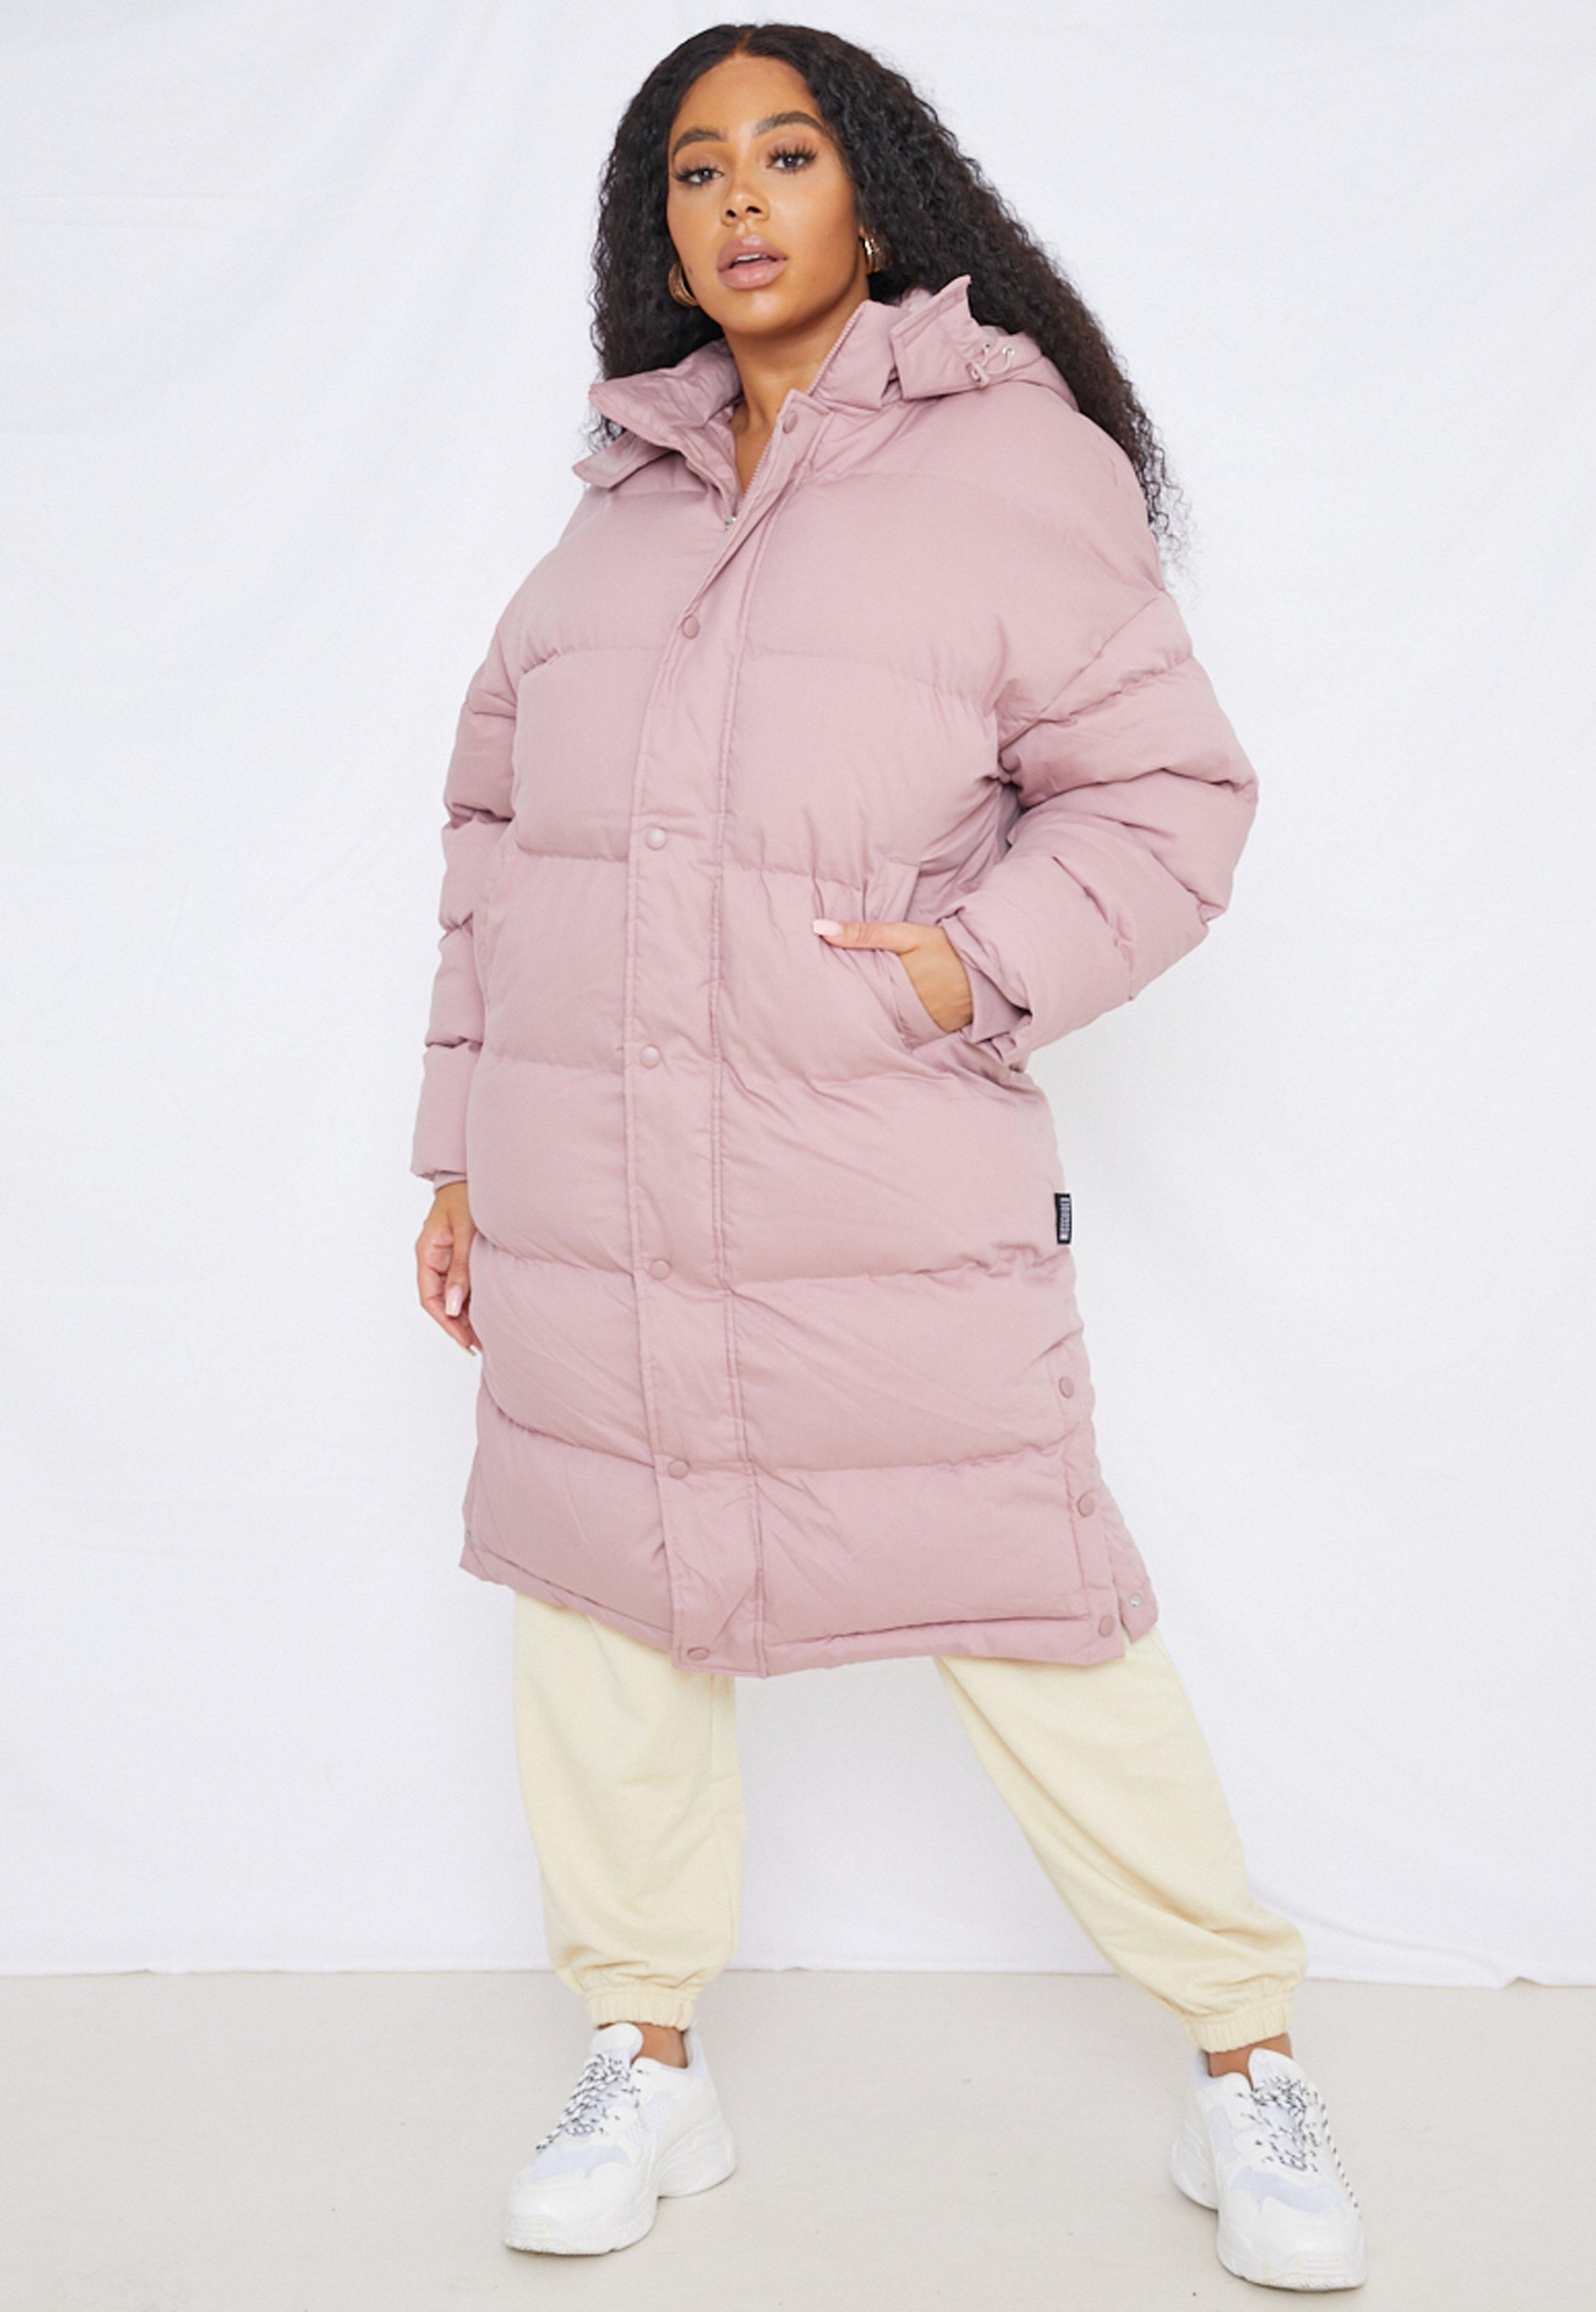 m mocha longline zip jacket